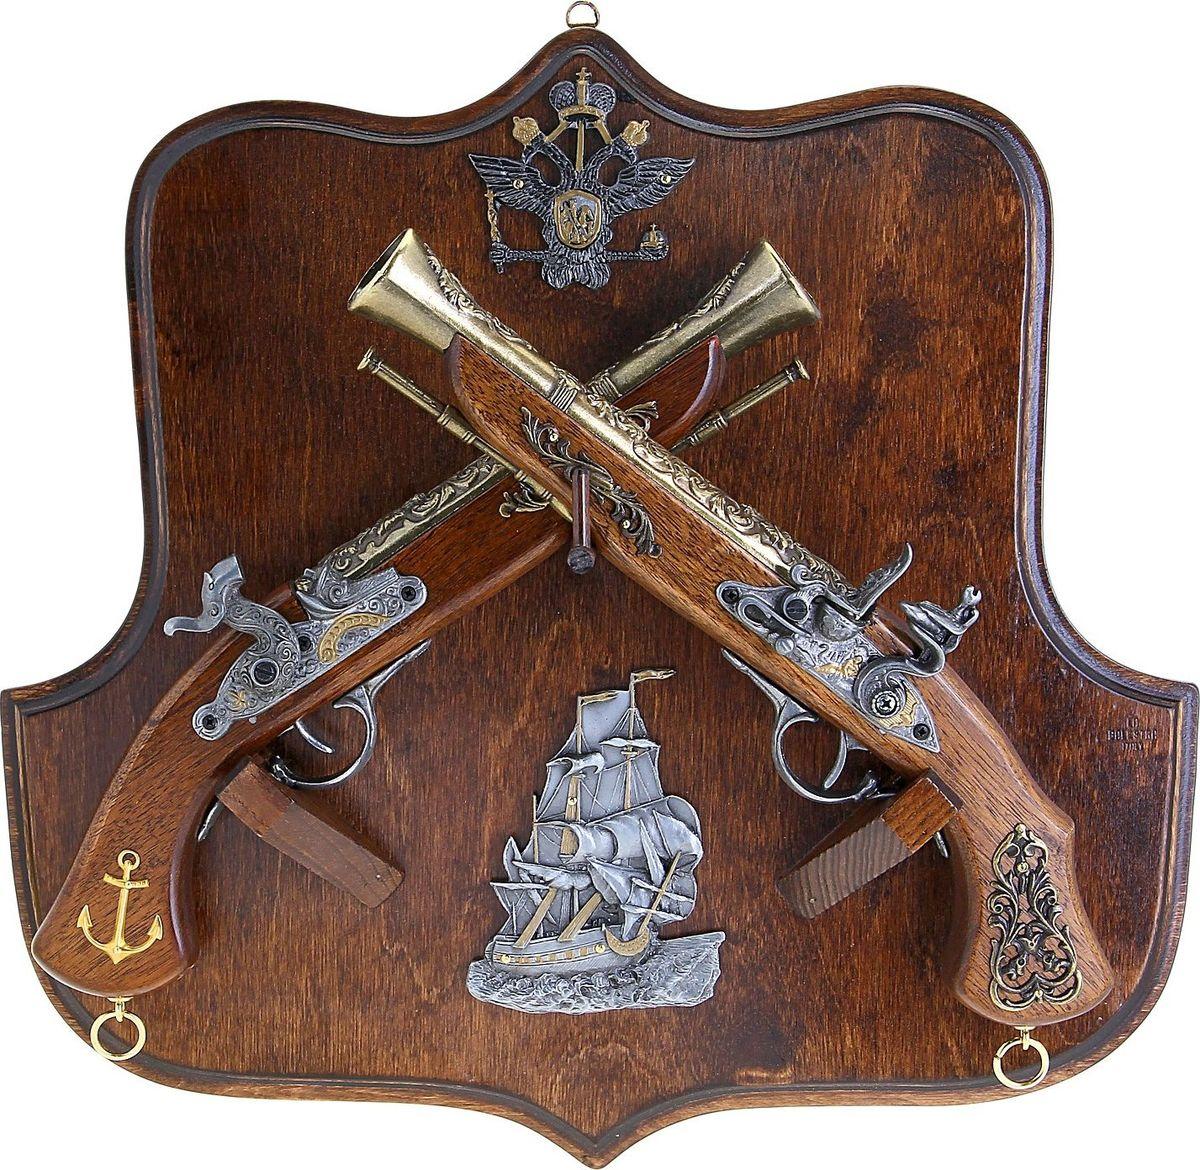 Сувенирное оружие La Balestra Макет 2 пистолей Морской бой, на планшете, 45 х 43 х 10 см2134824Состав: панель из березы, деревянные части пистолей из белой лимбы, металлические детали из цинково-алюминиевого сплава.